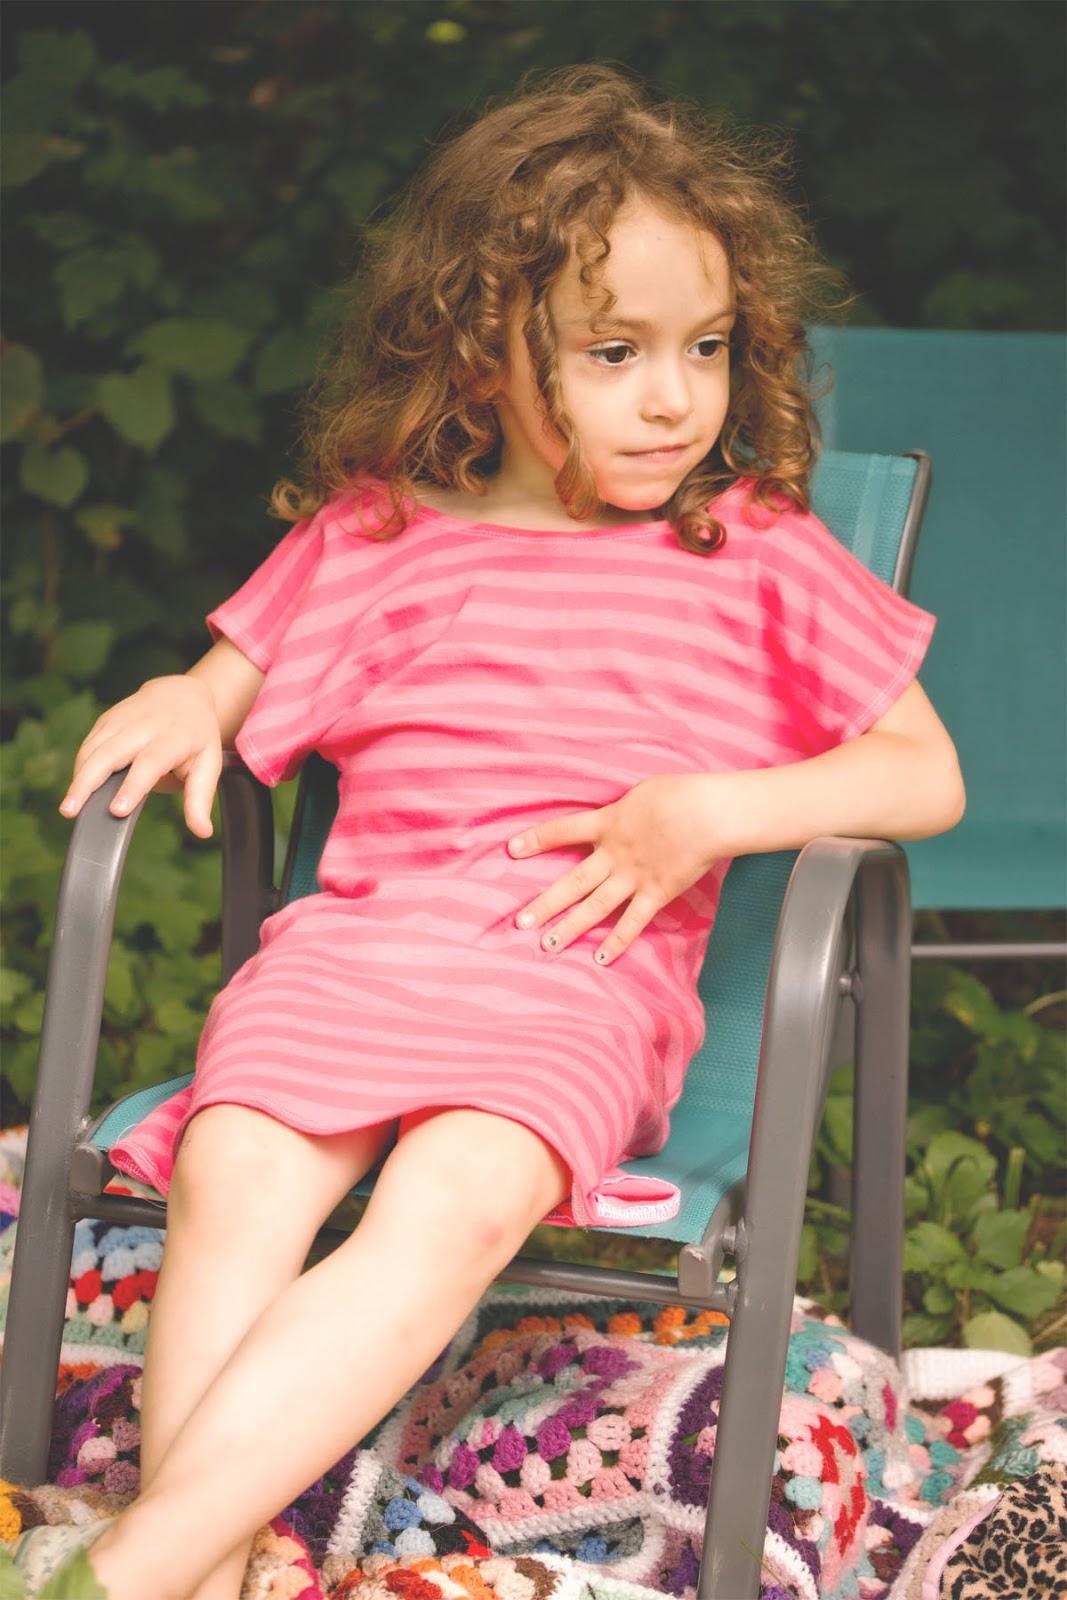 img src ru mini dress images